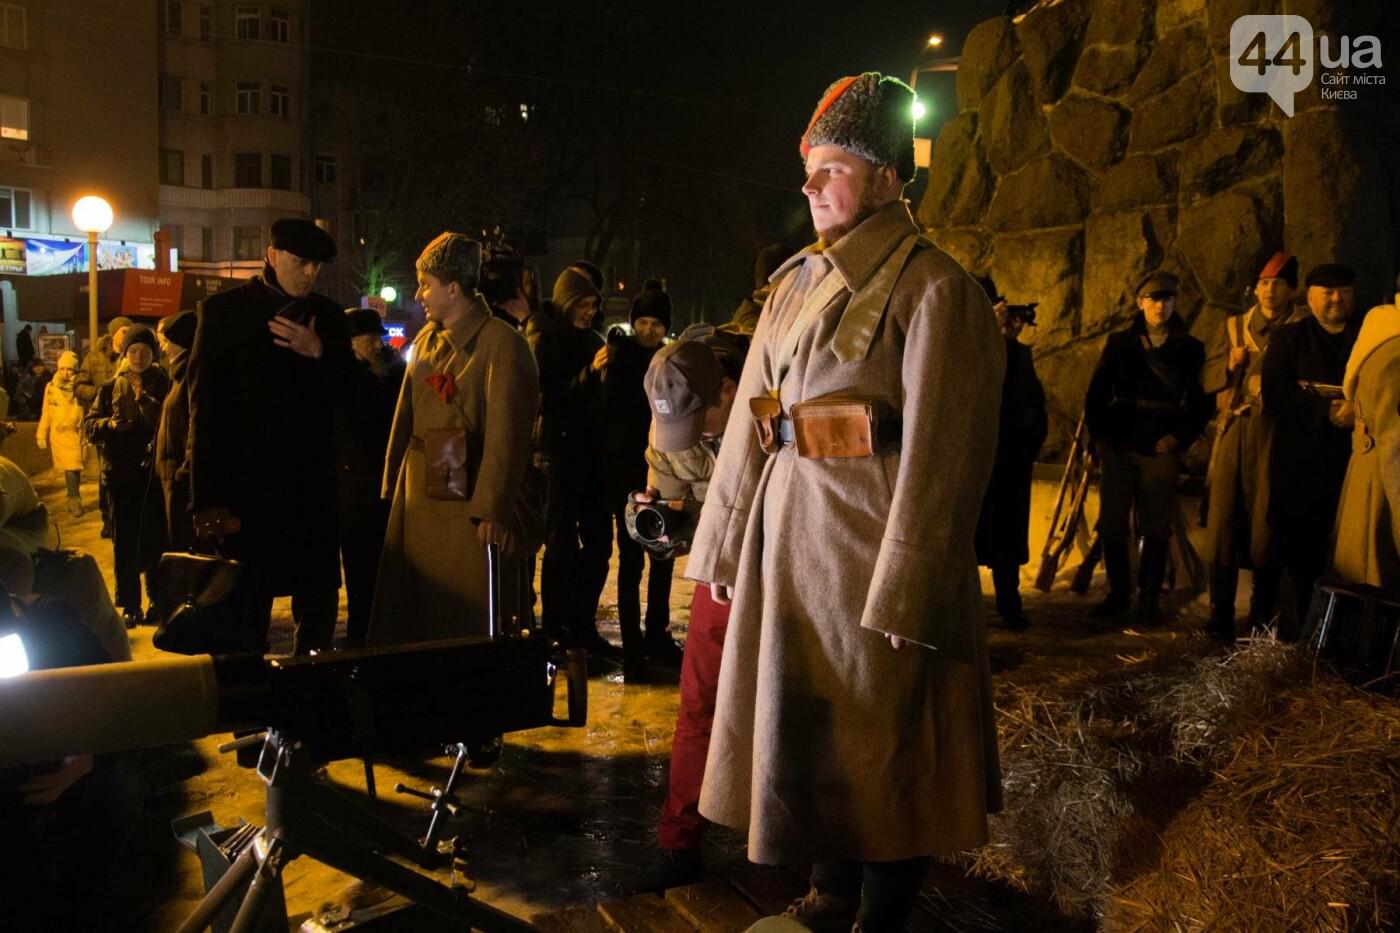 В Киеве провели реконструкцию боя за завод Арсенал (ФОТОРЕПОРТАЖ), фото-4